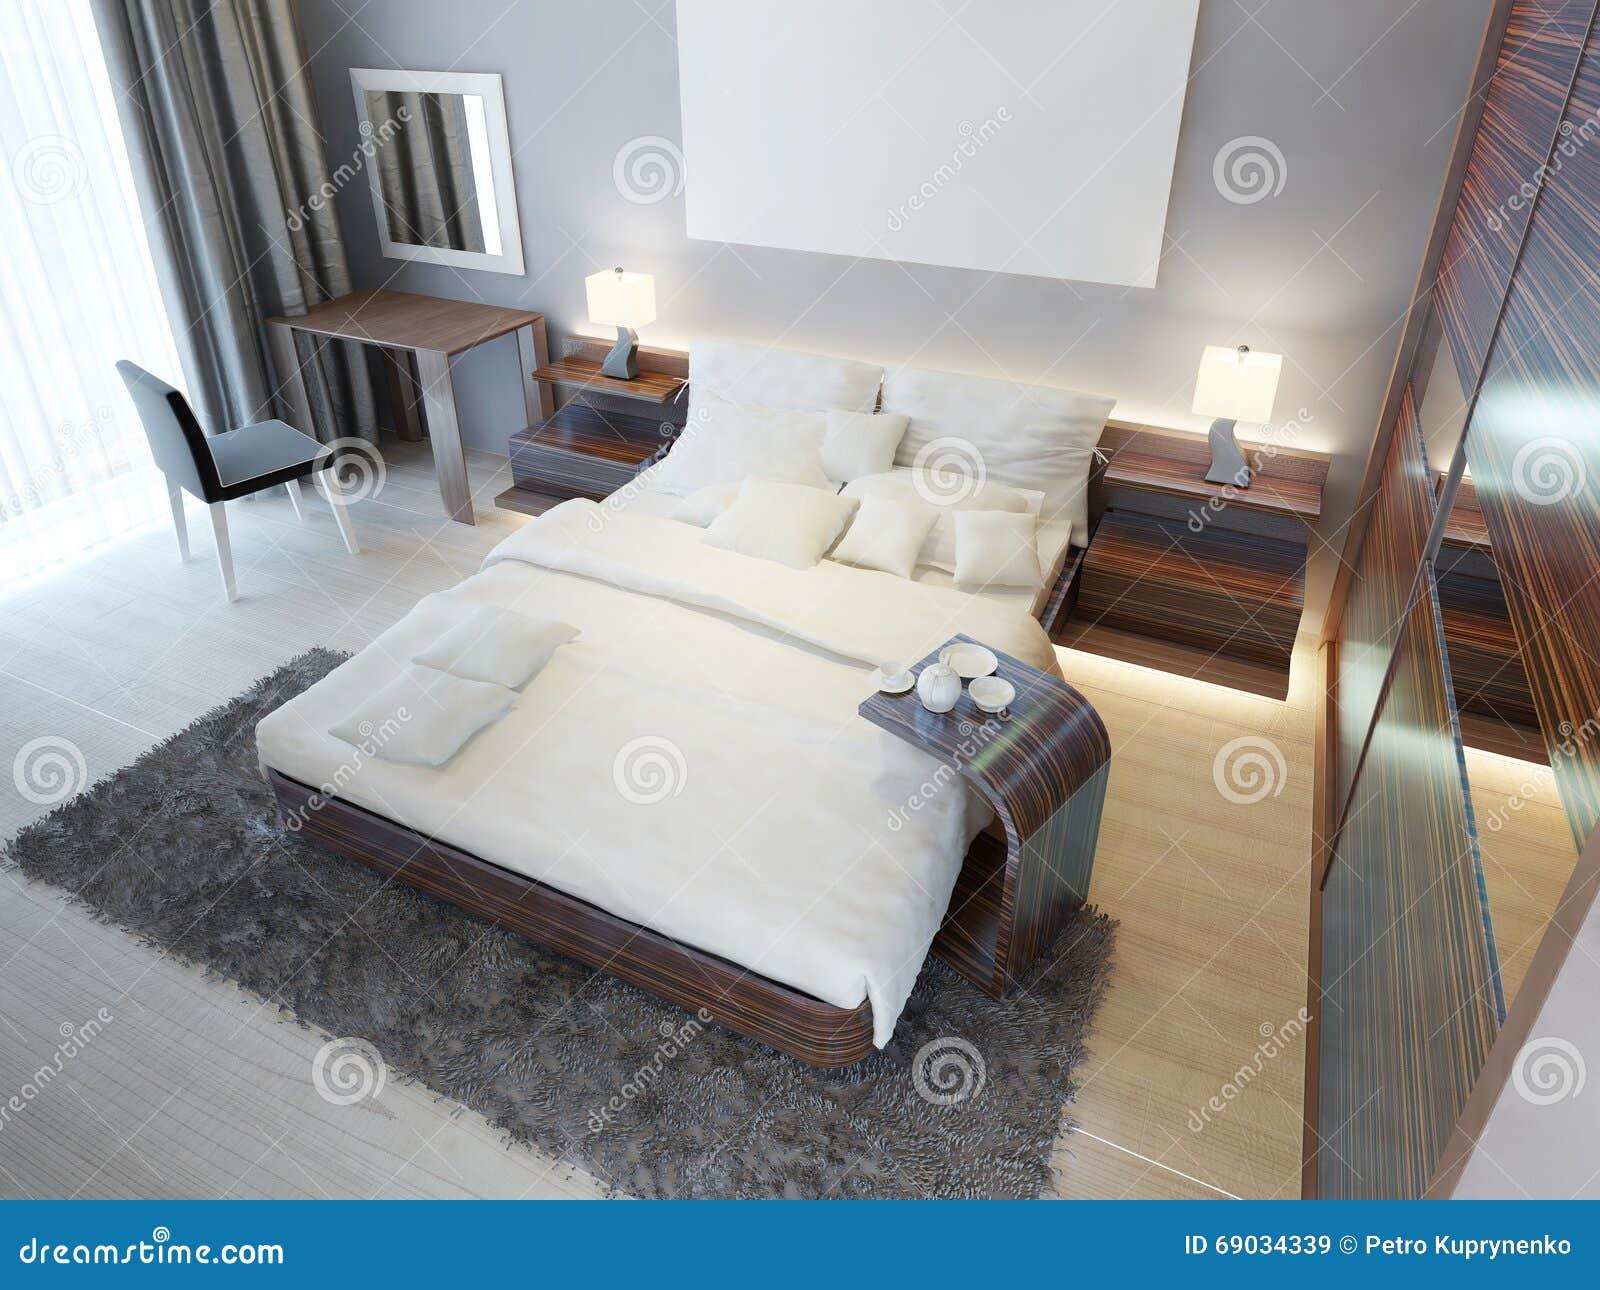 Comfortabele slaapkamer in eigentijdse stijl met bruin meubilair z